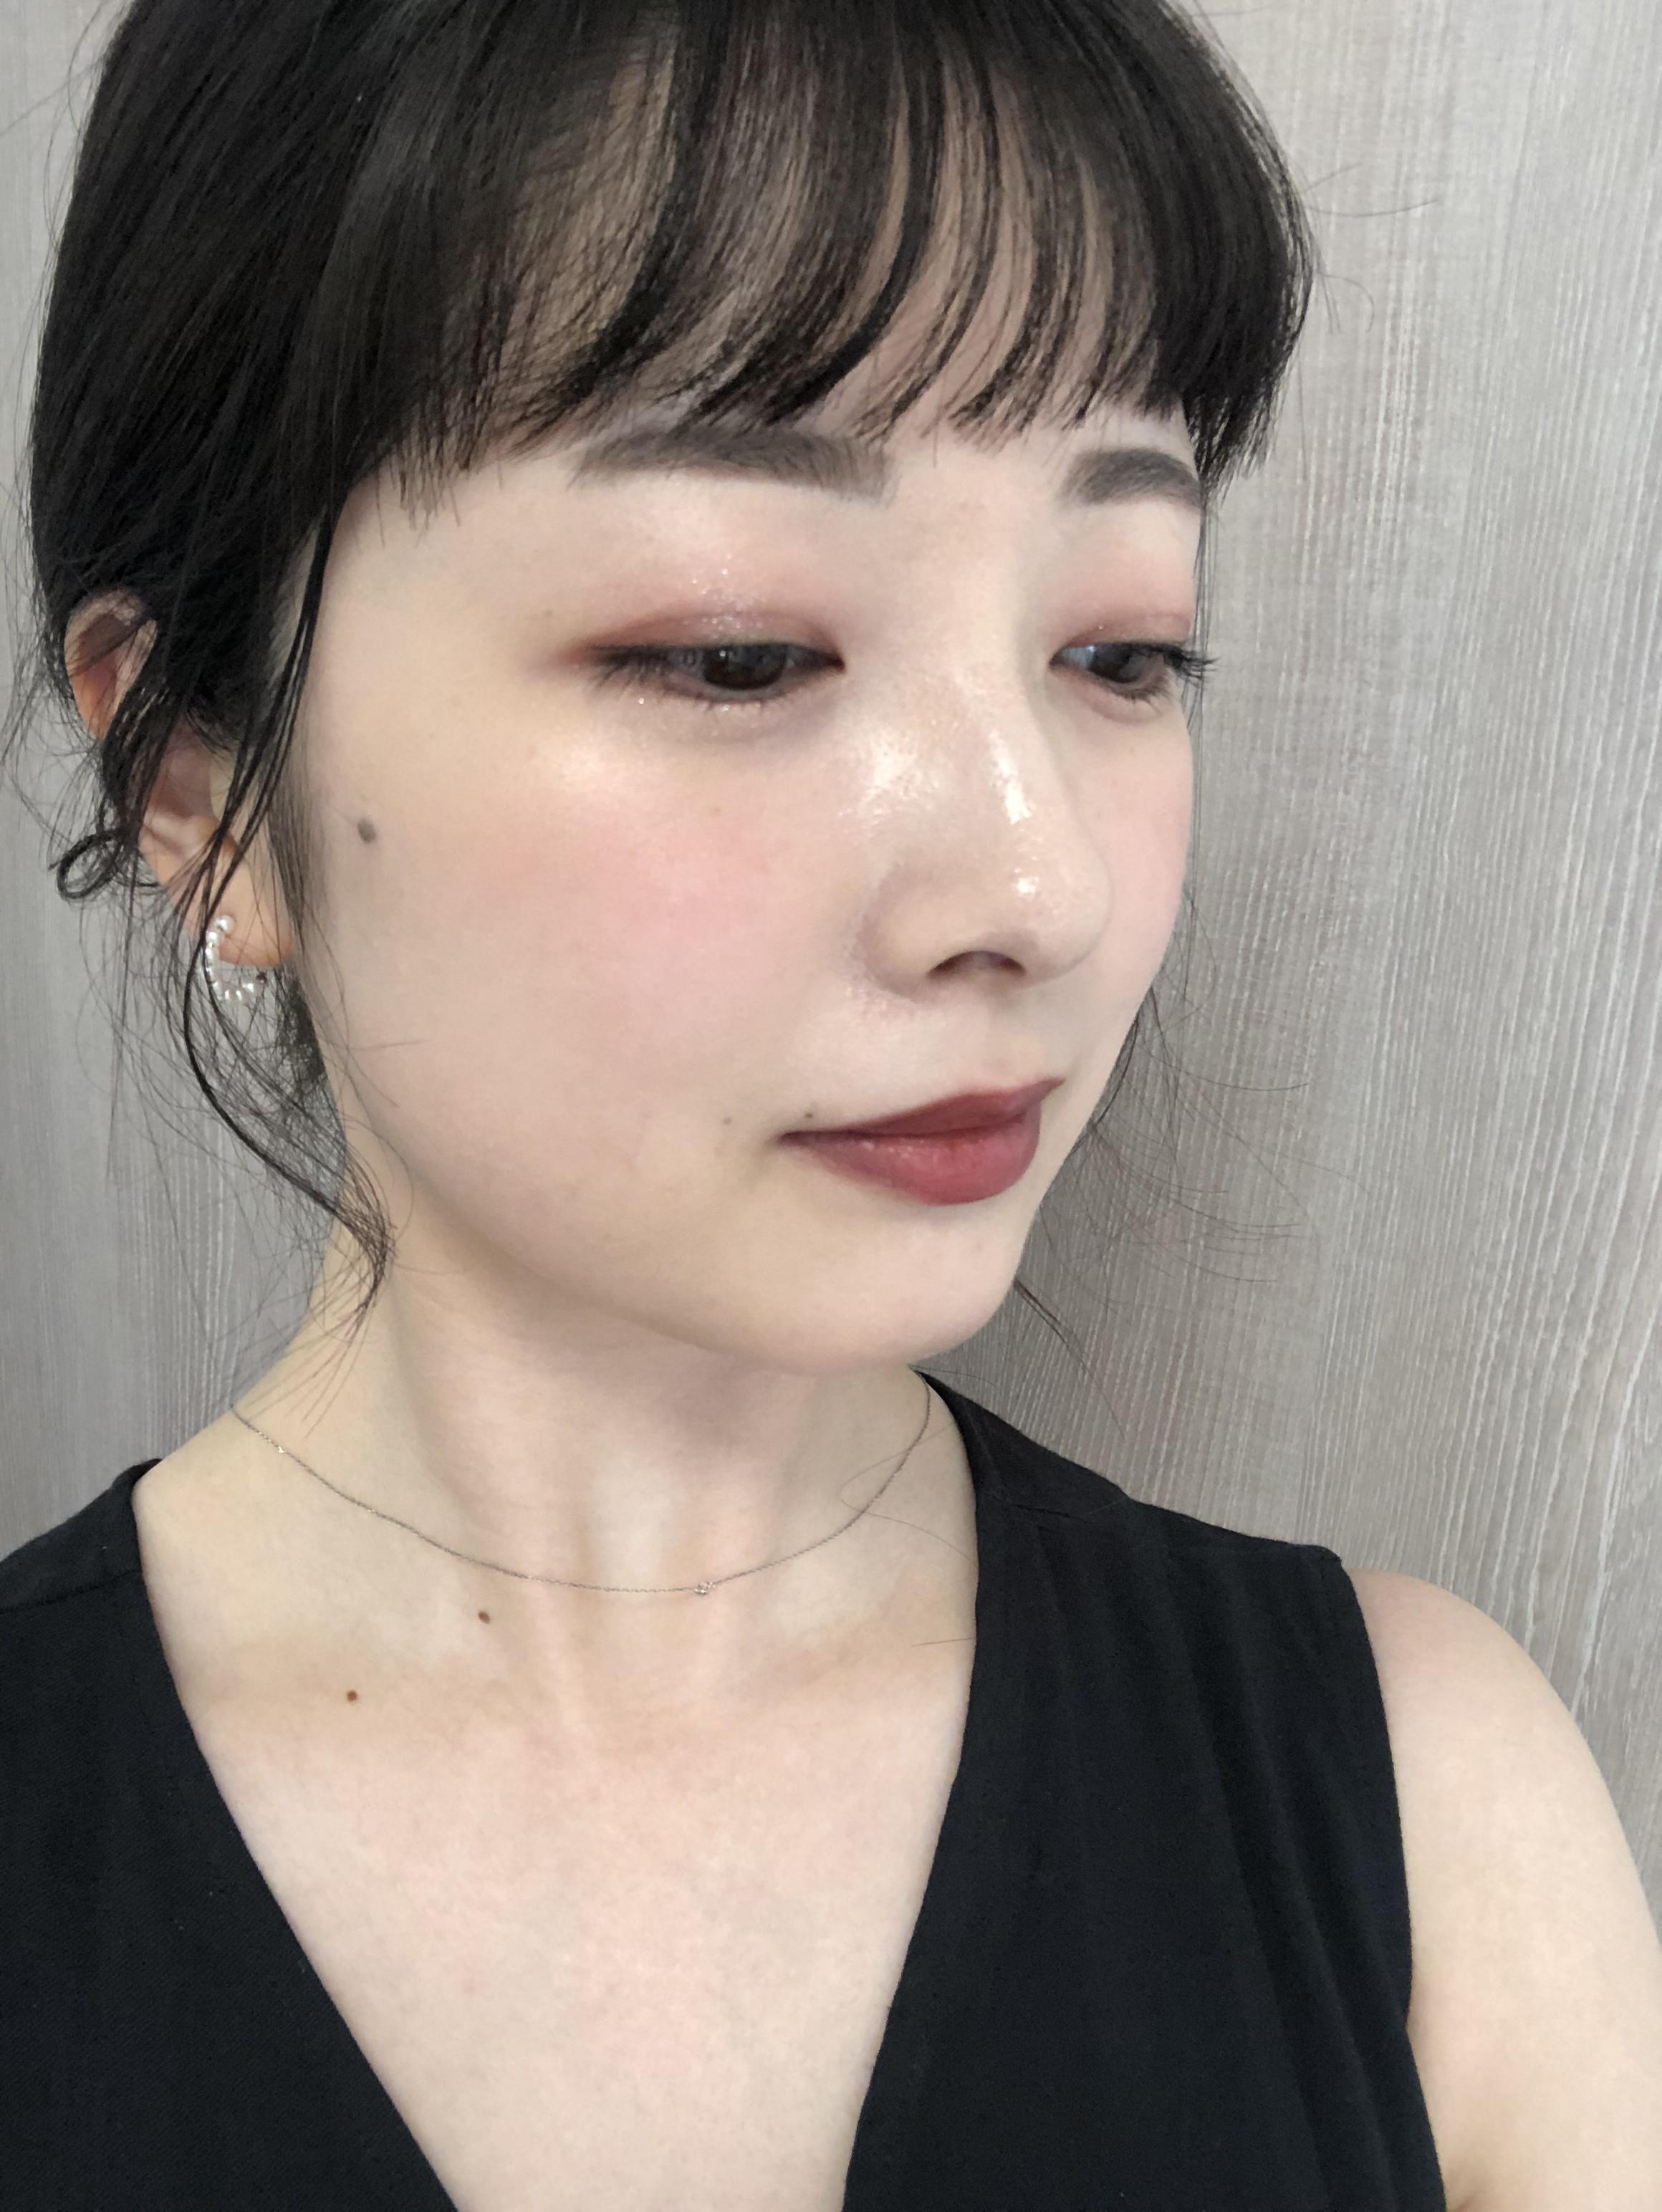 肌が白く見える♡夏も使える【ブラウンリップ】で女性らしい印象に!_3